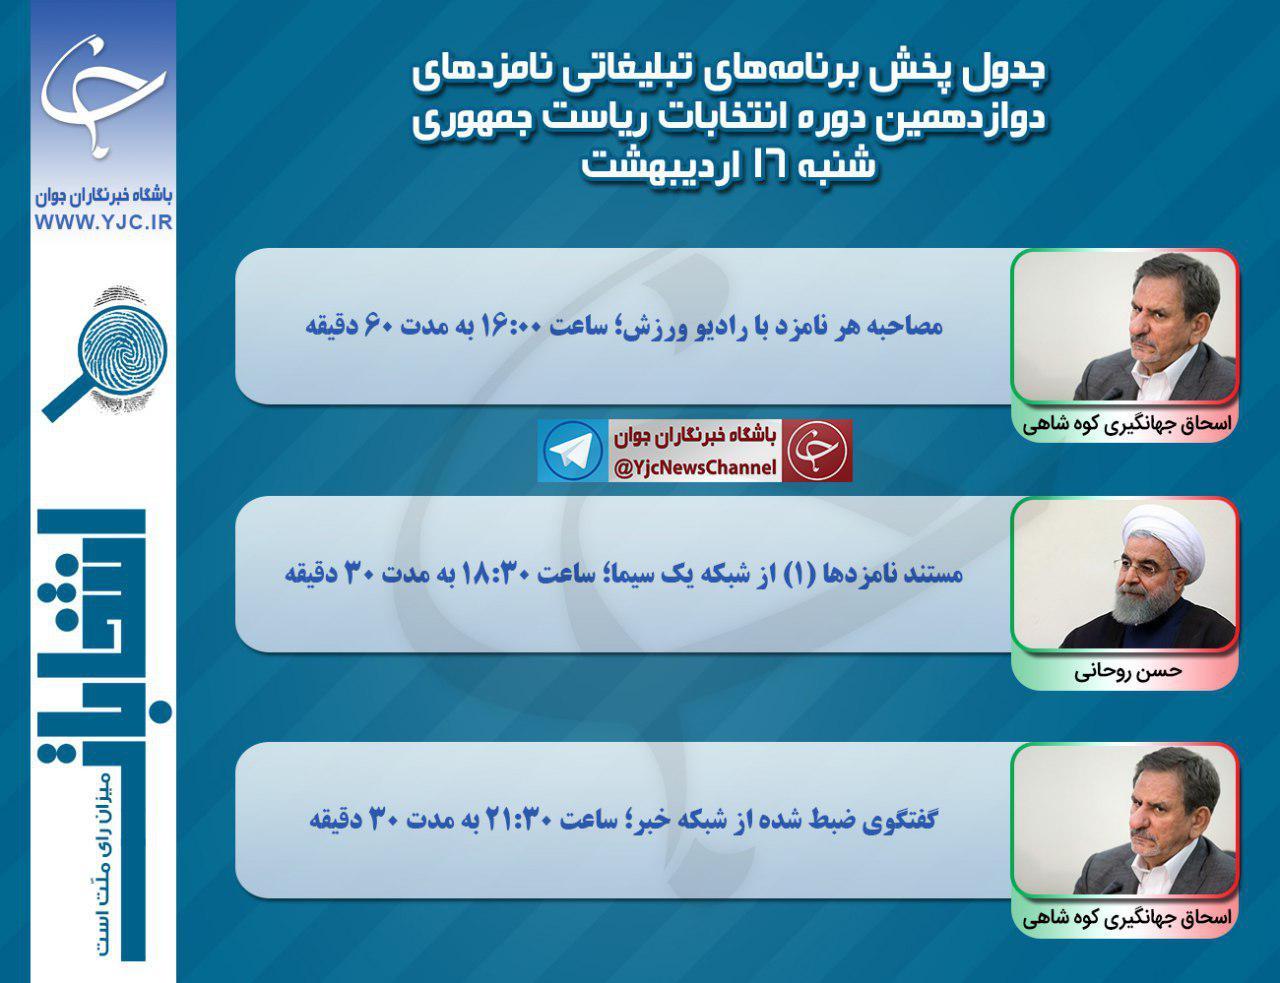 برنامه نامزدهای انتخابات ریاست جمهوری در رسانه ملی در شانزدهمین روز اردیبهشت